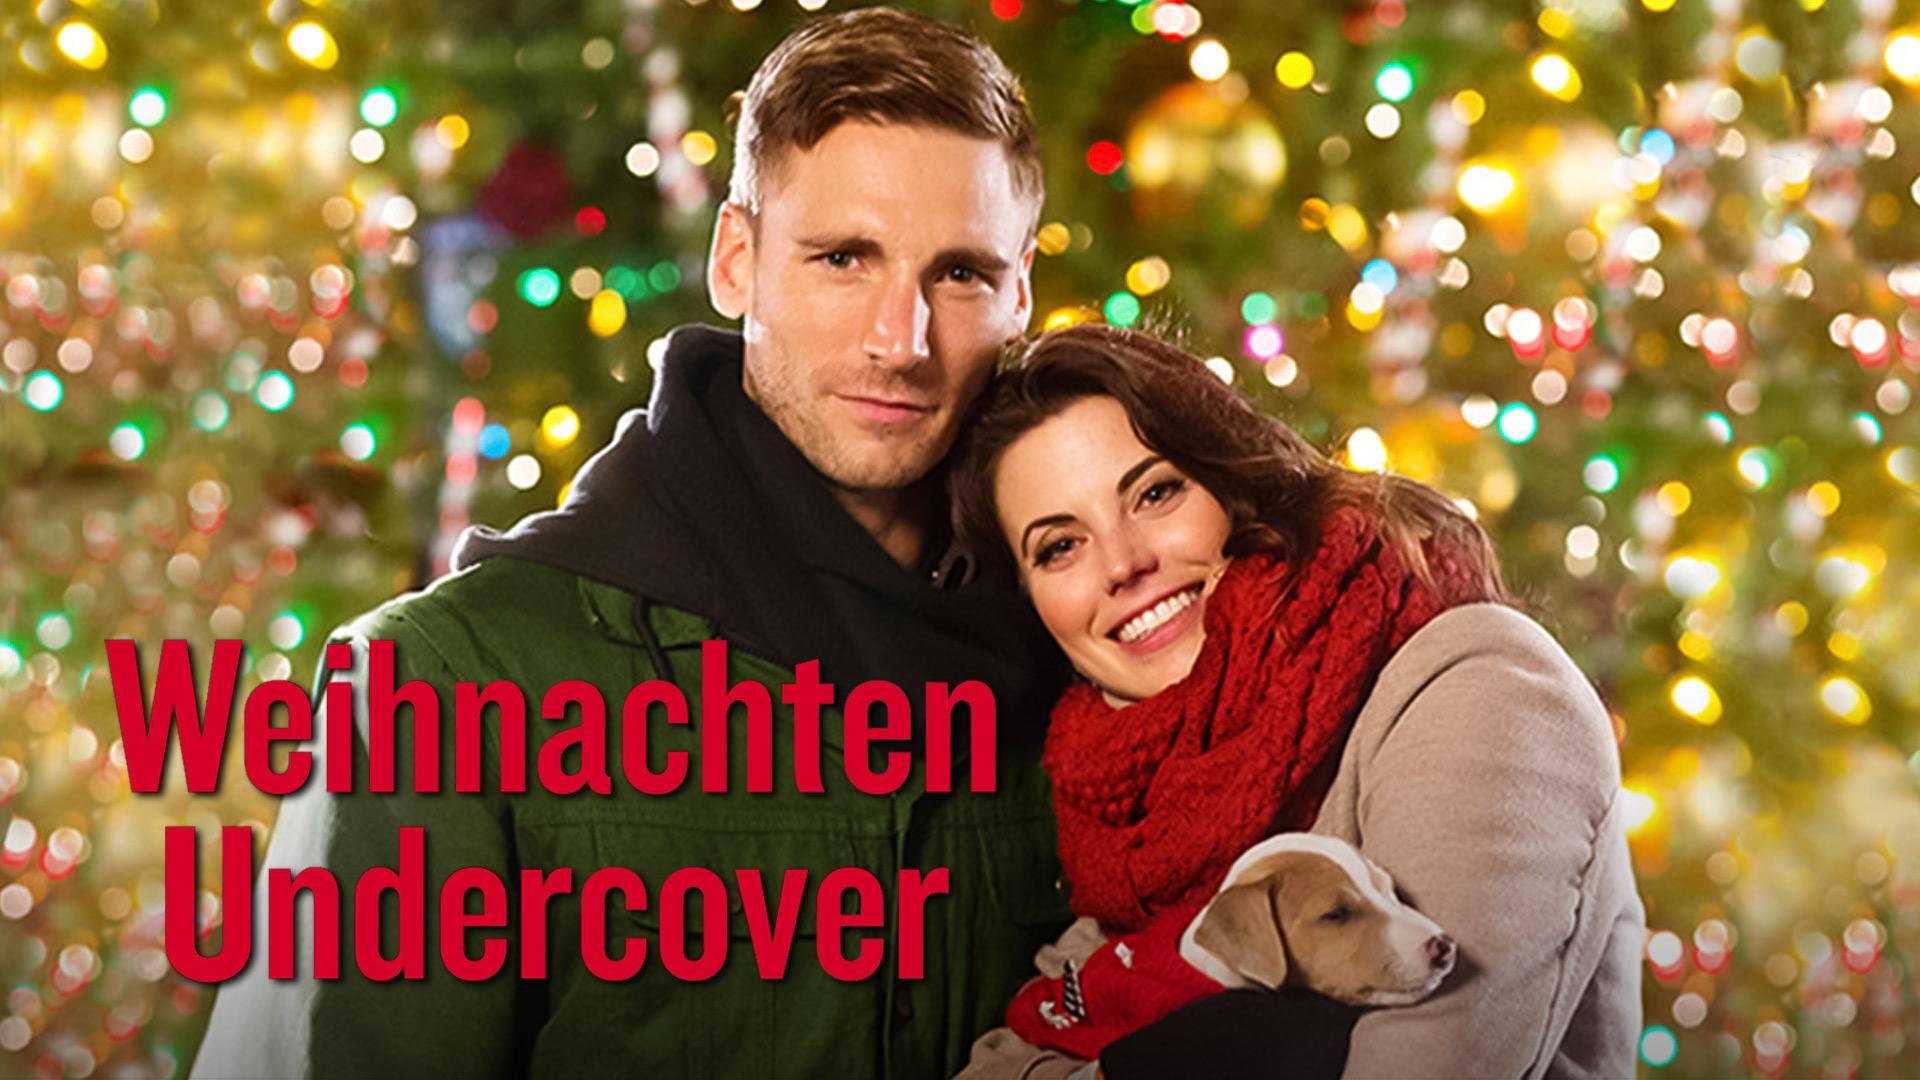 Weihnachten Undercover